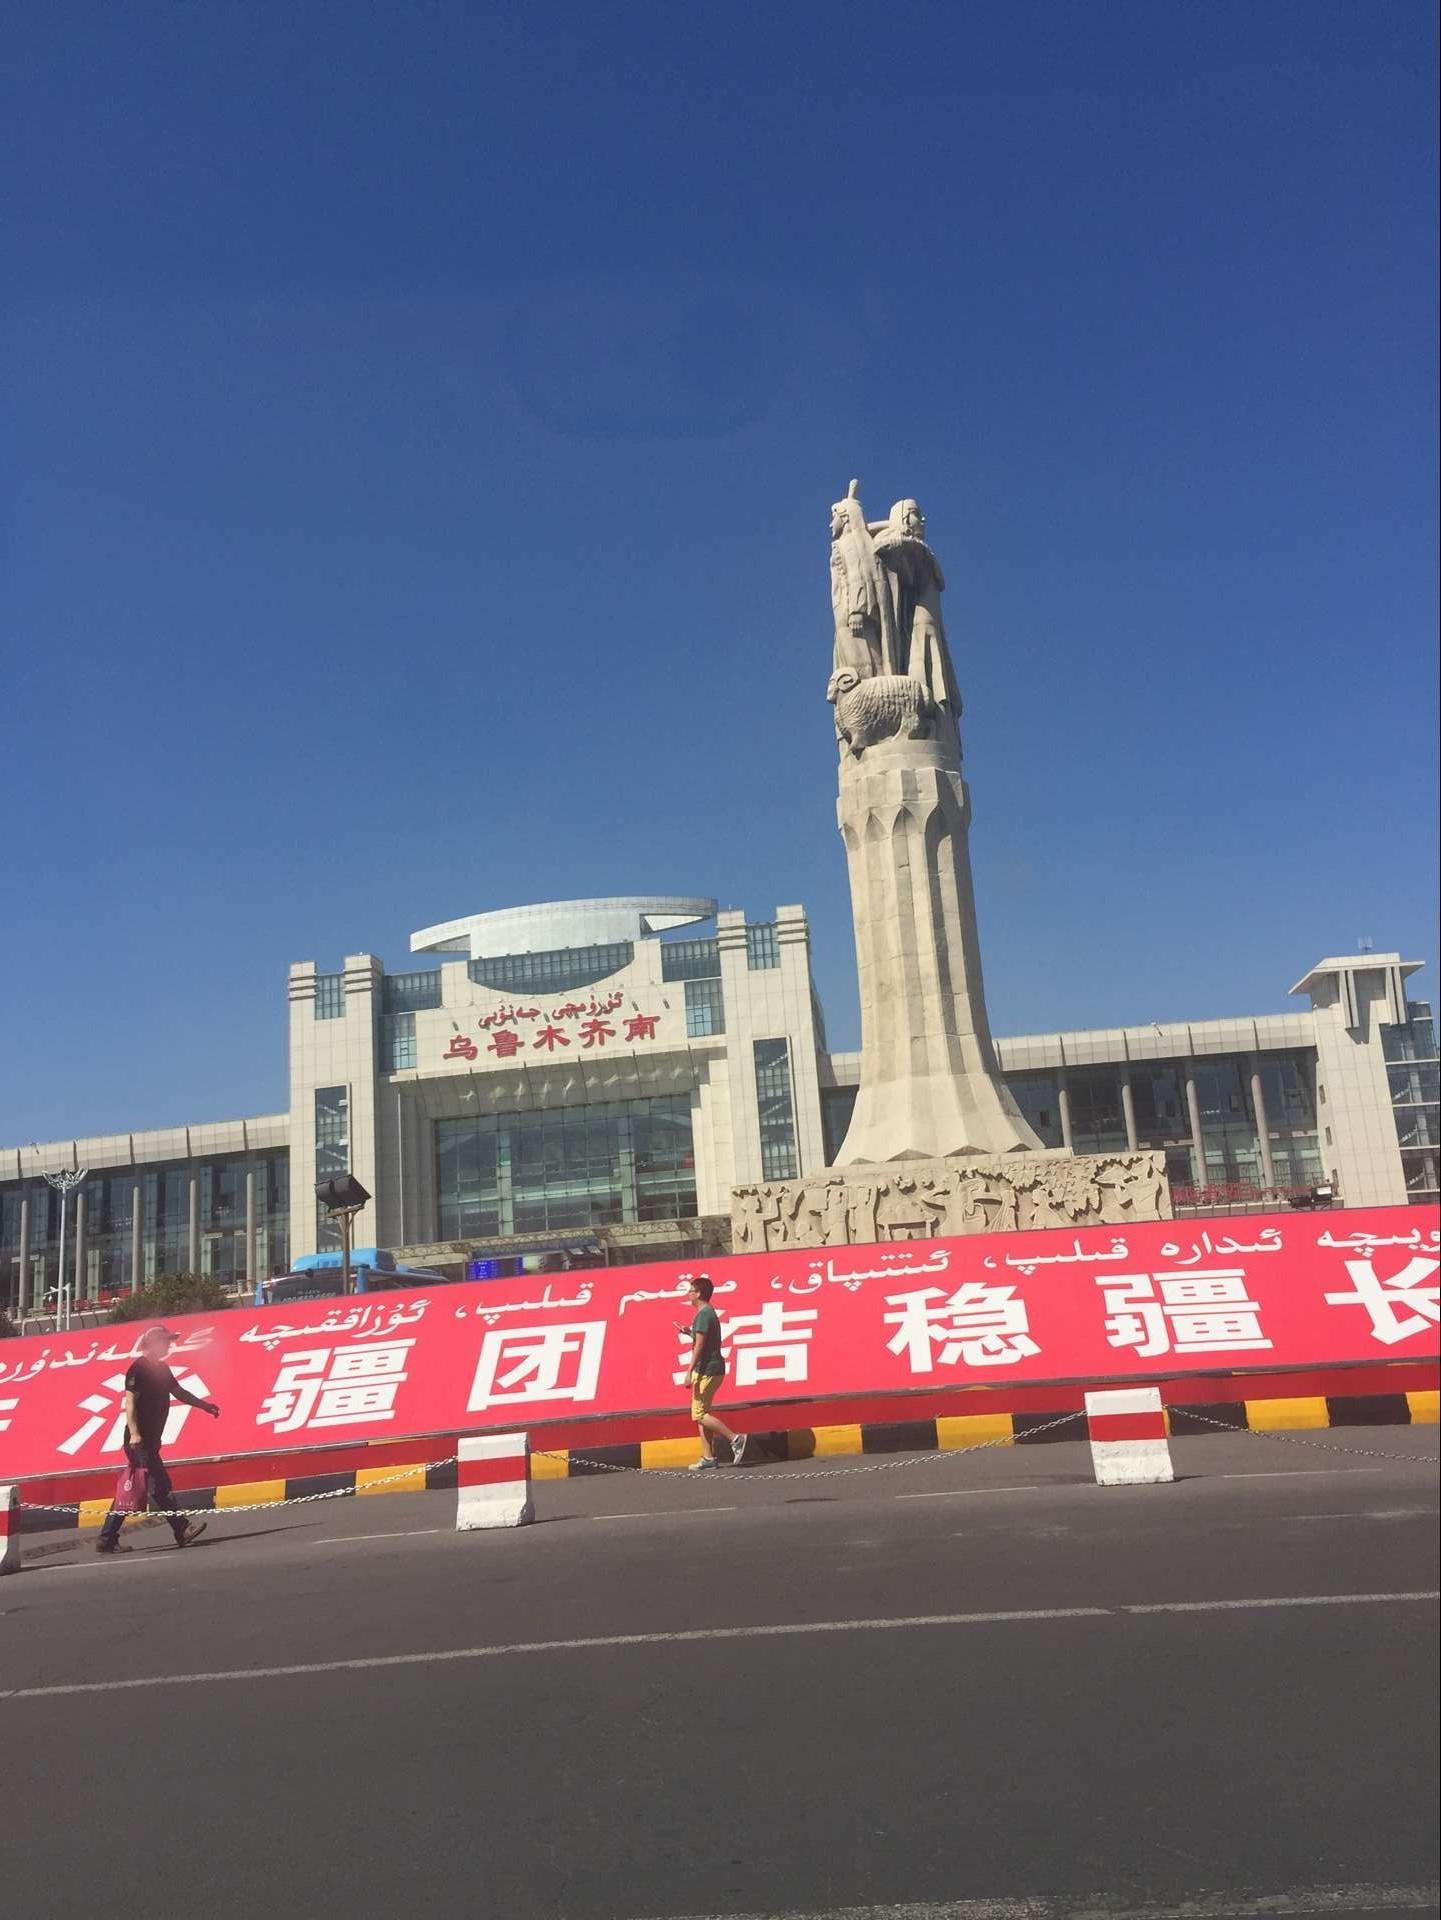 新疆保税区综合楼,海关大楼